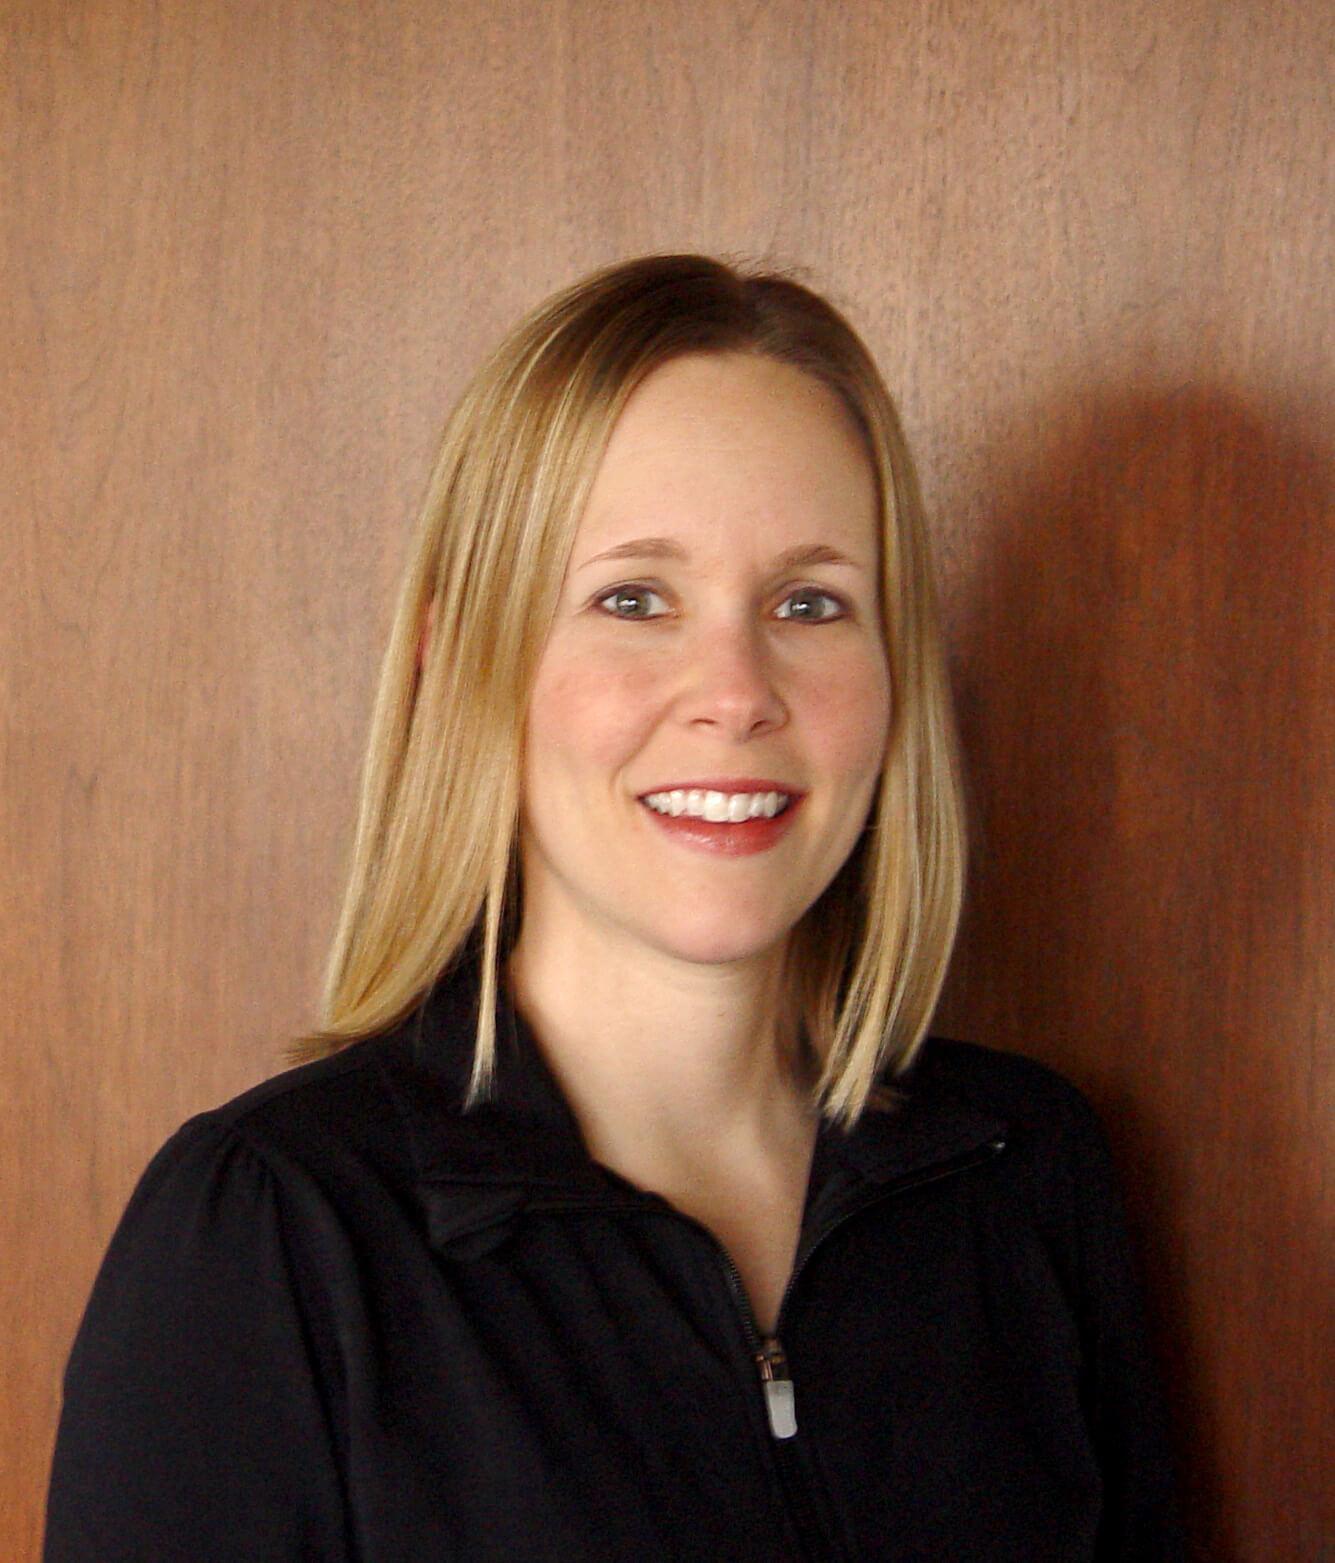 Eine blondhaarige Frau mit blau-grünen Augen.